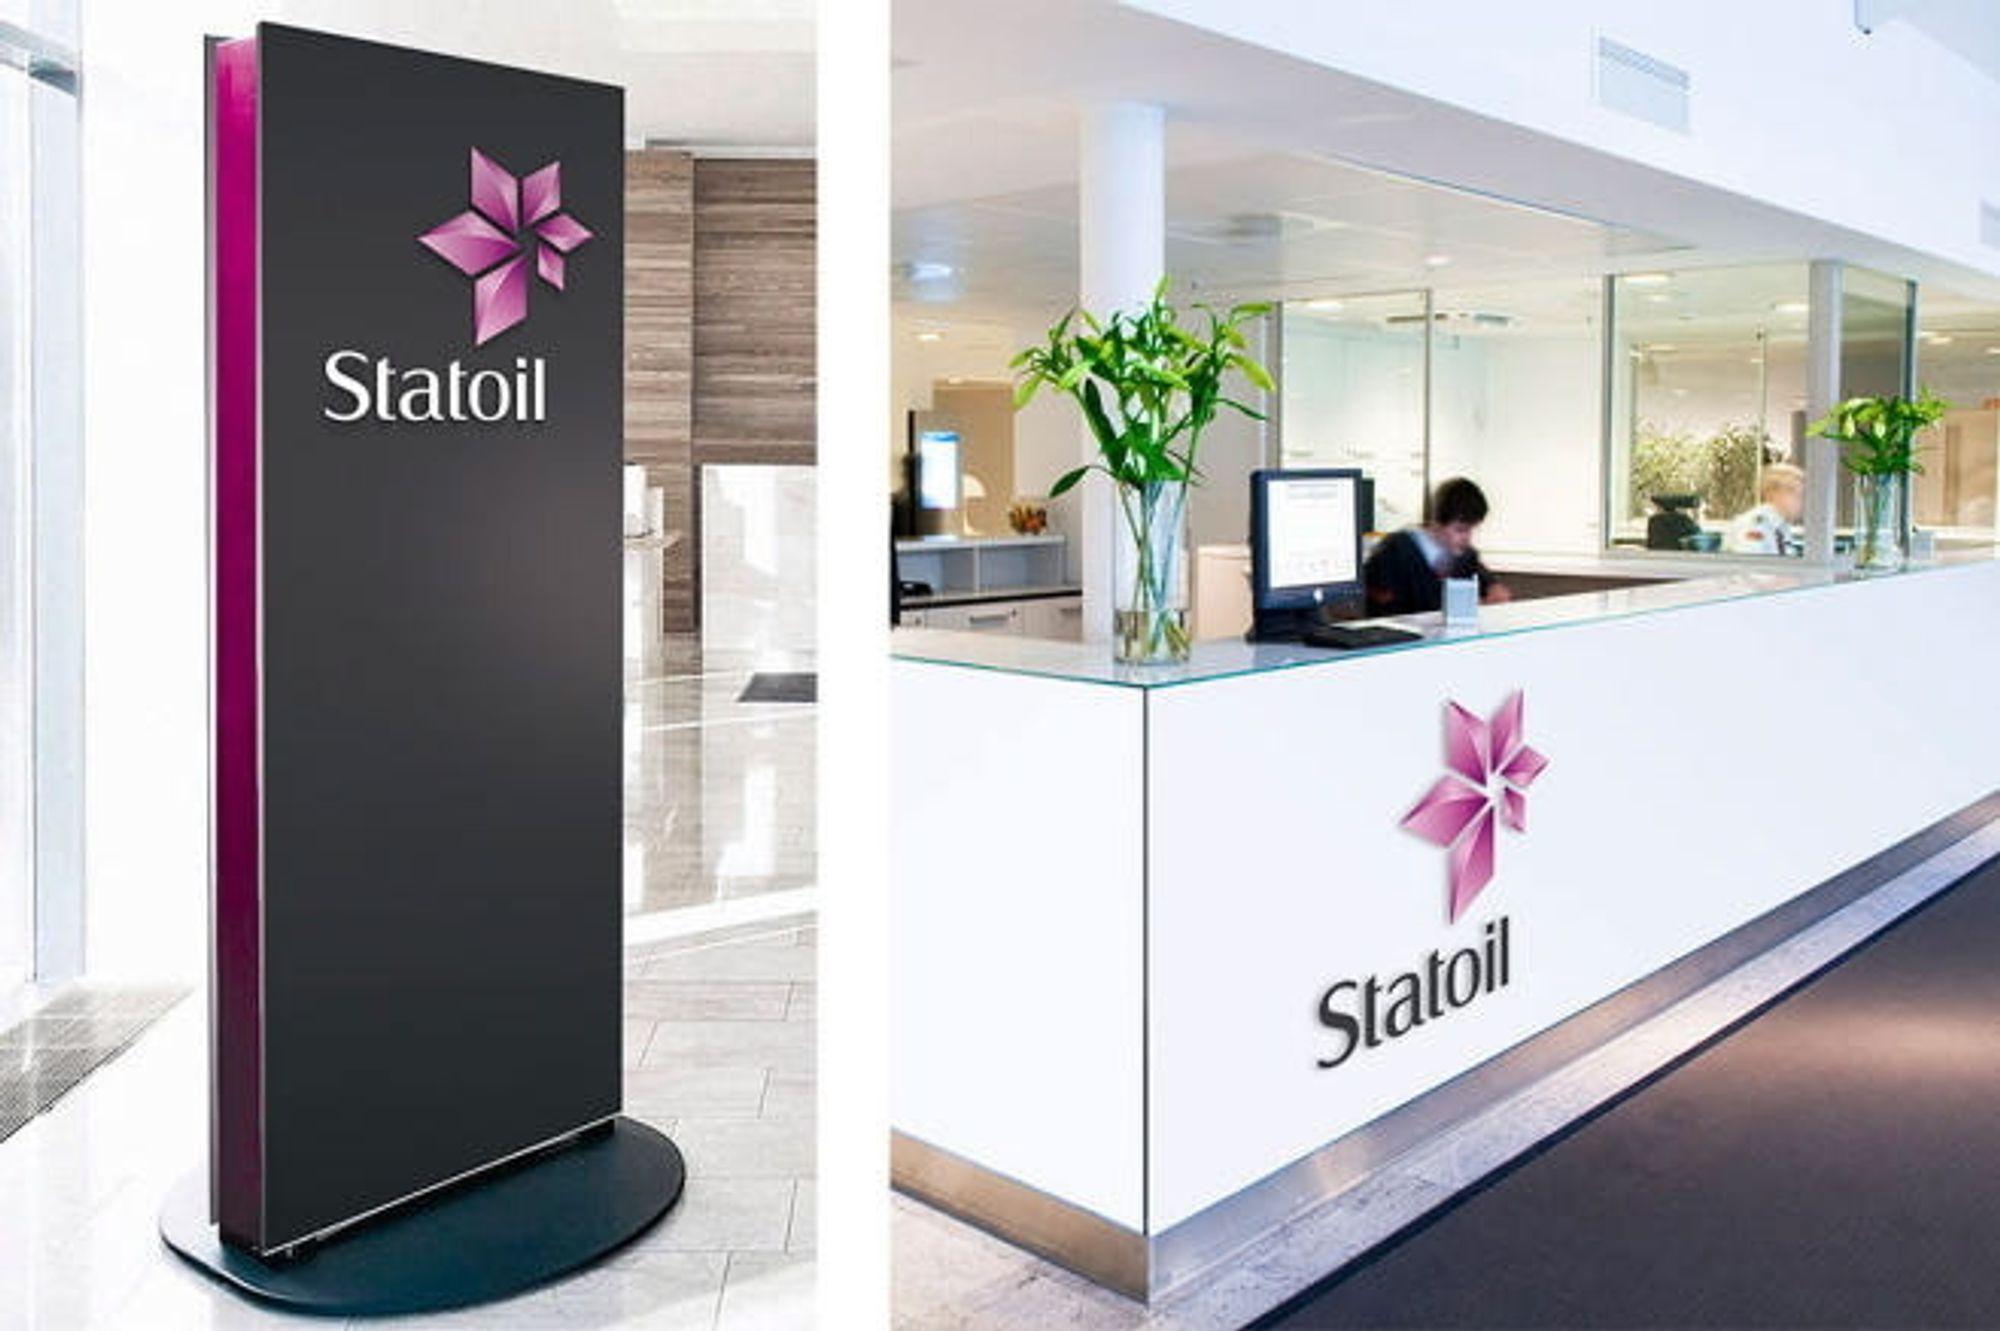 Statoil.